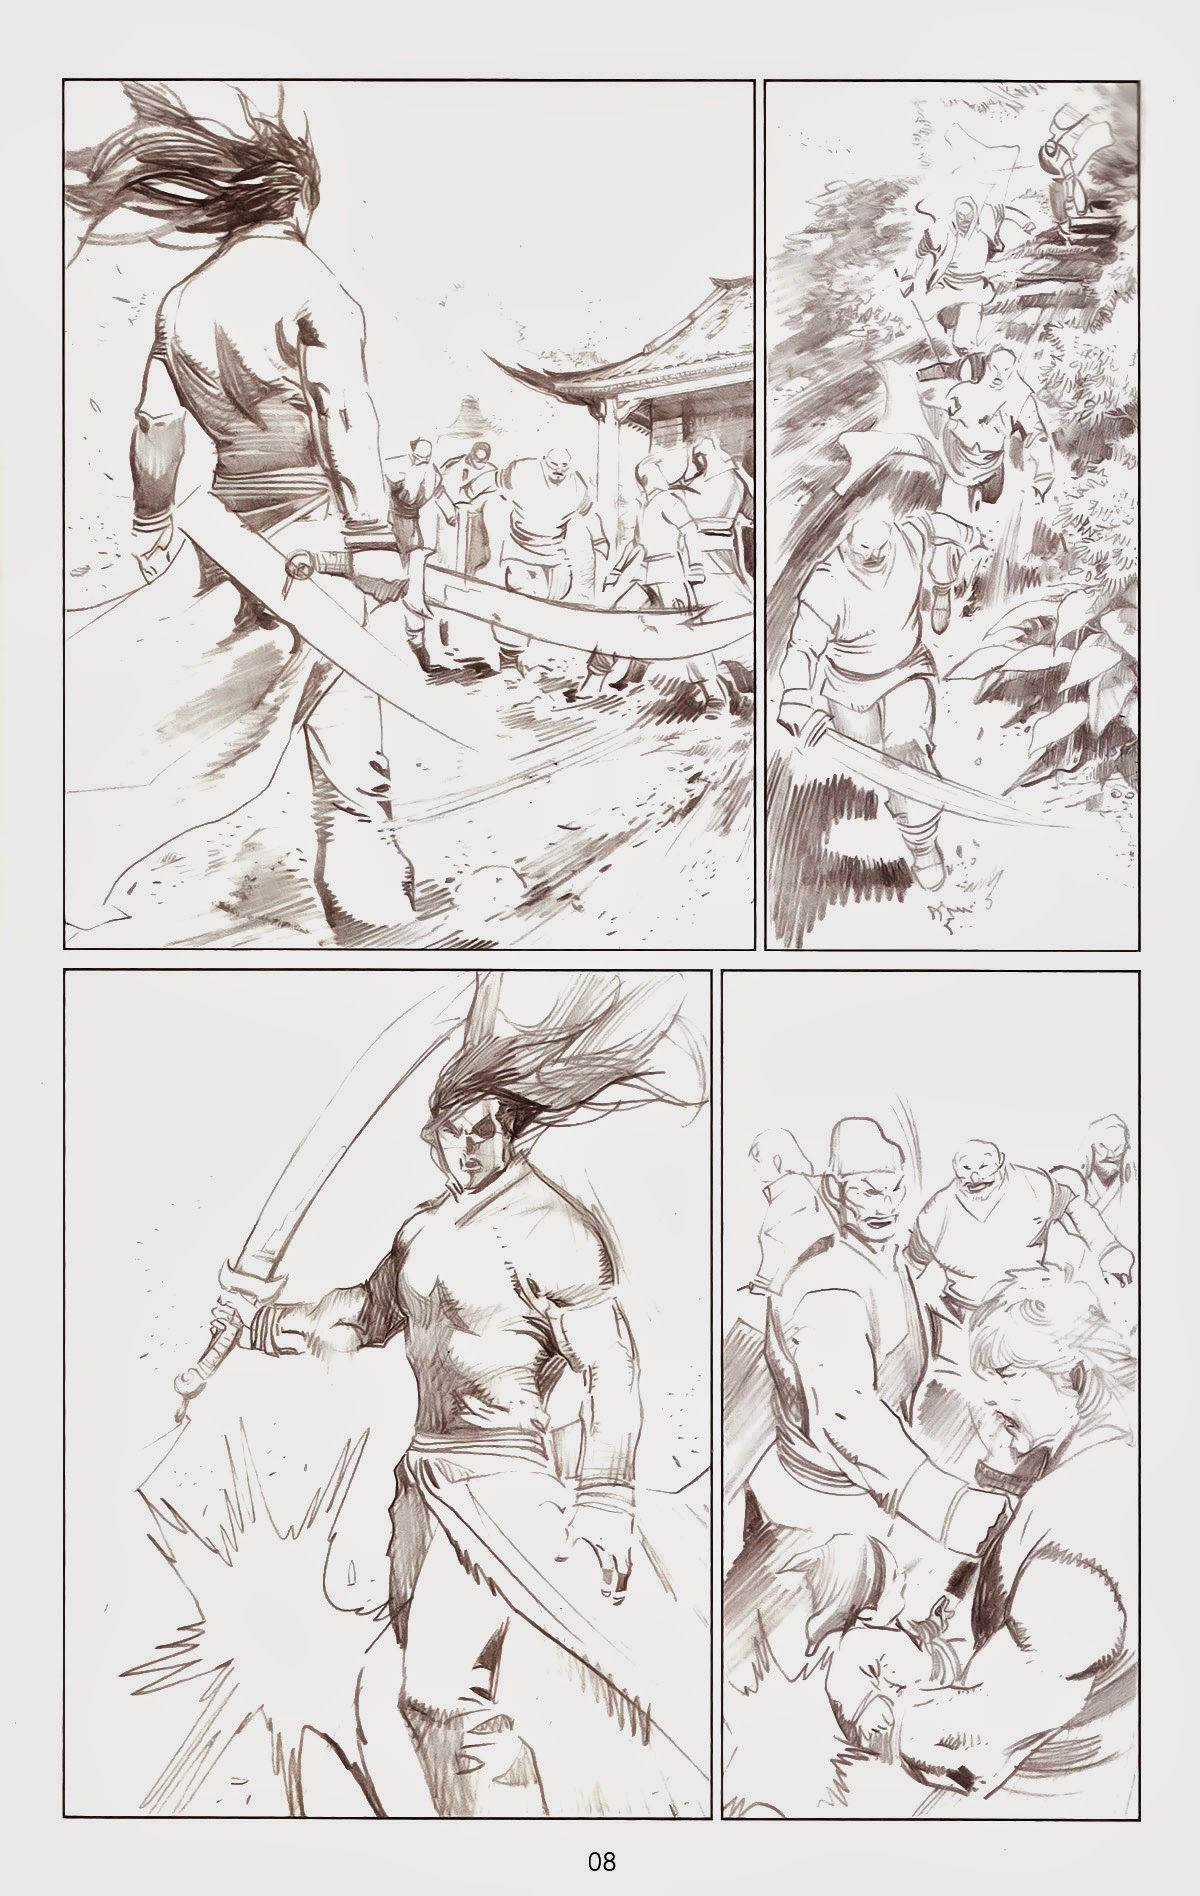 Phong Vân chap 675 - Trang 6